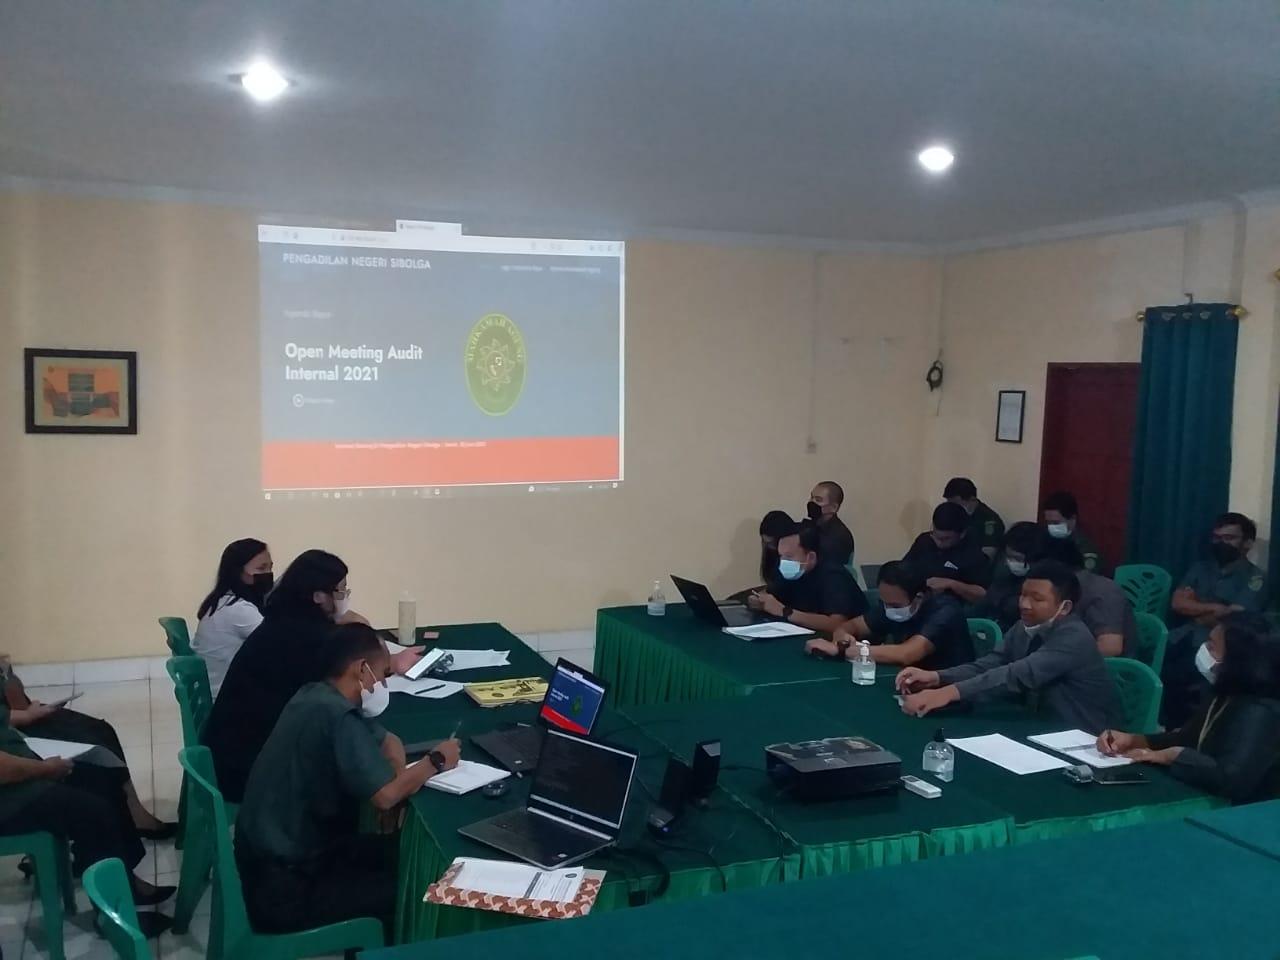 OPENING MEETING AUDIT INTERNAL PENGADILAN NEGERI SIBOLGA TAHUN 2021